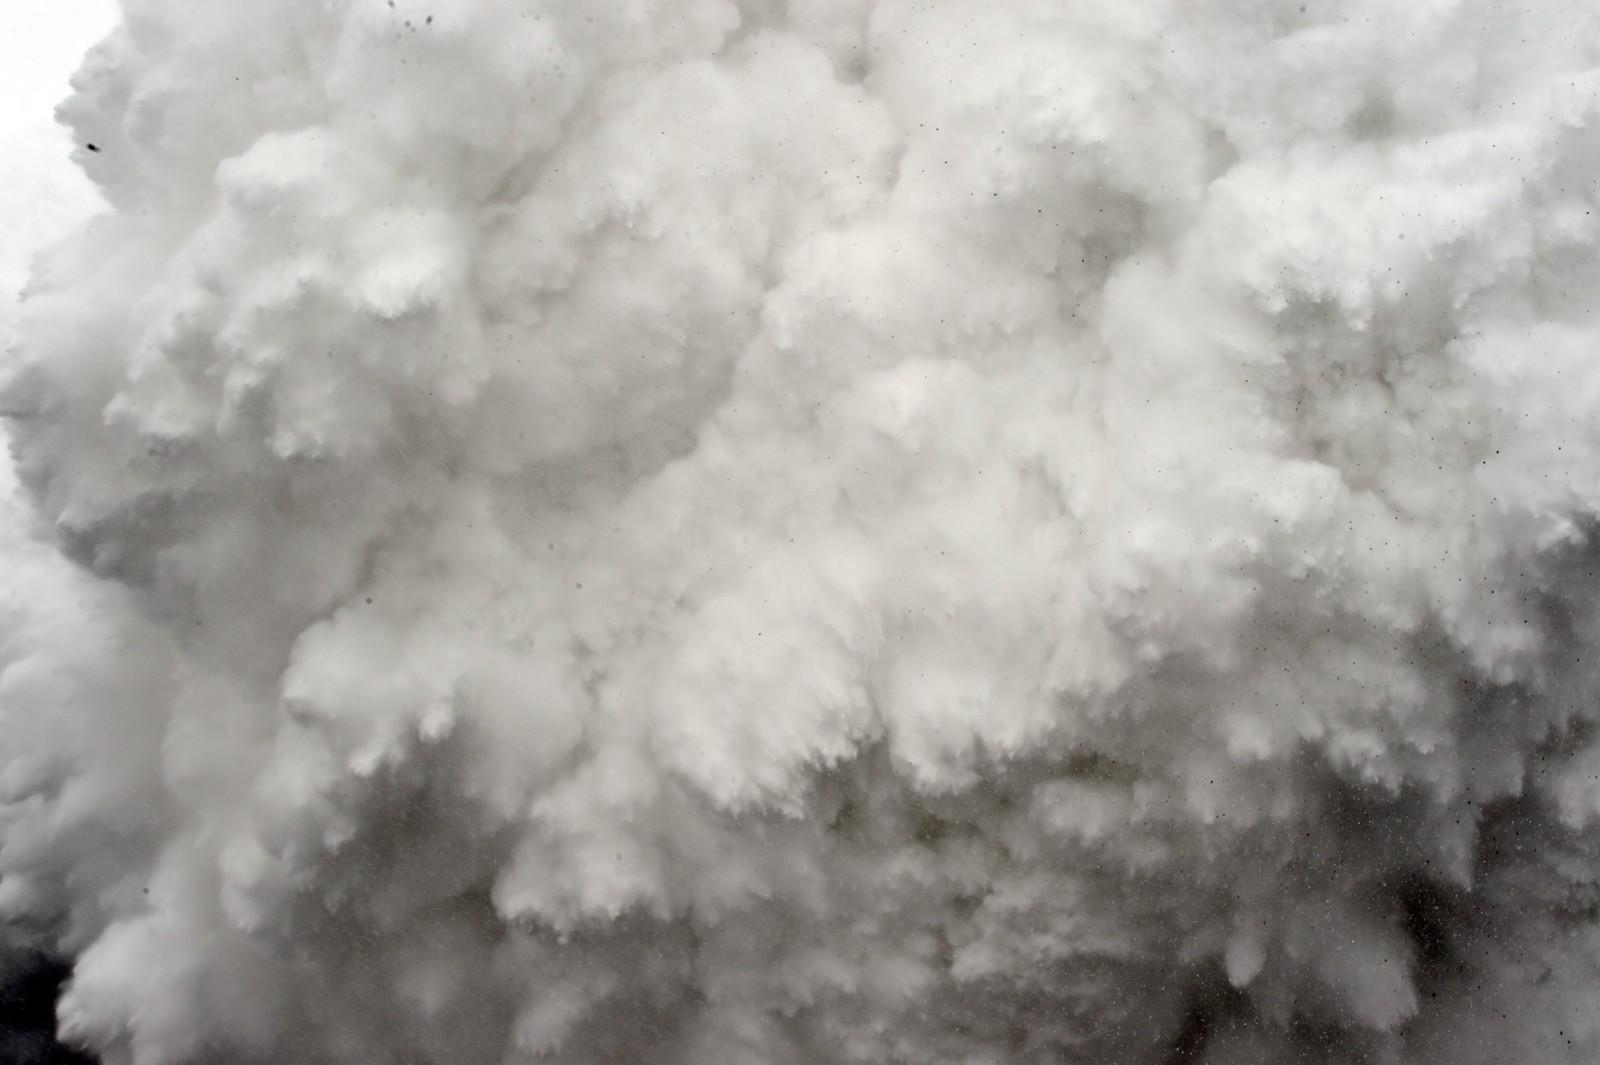 Sekunder etter at Roberto Schmidt tok dette bildet av skredet var han tatt av snømassene.